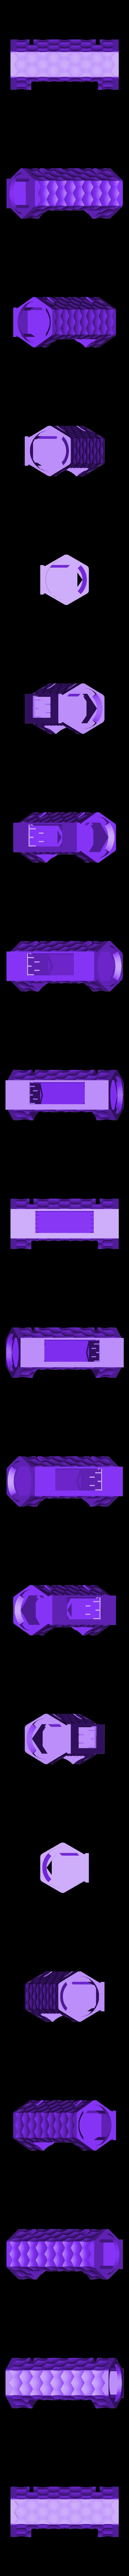 bvc_bluetooth_speaker_case_rev01.STL Télécharger fichier STL gratuit Bluetooth speaker • Modèle pour imprimante 3D, BEEVERYCREATIVE